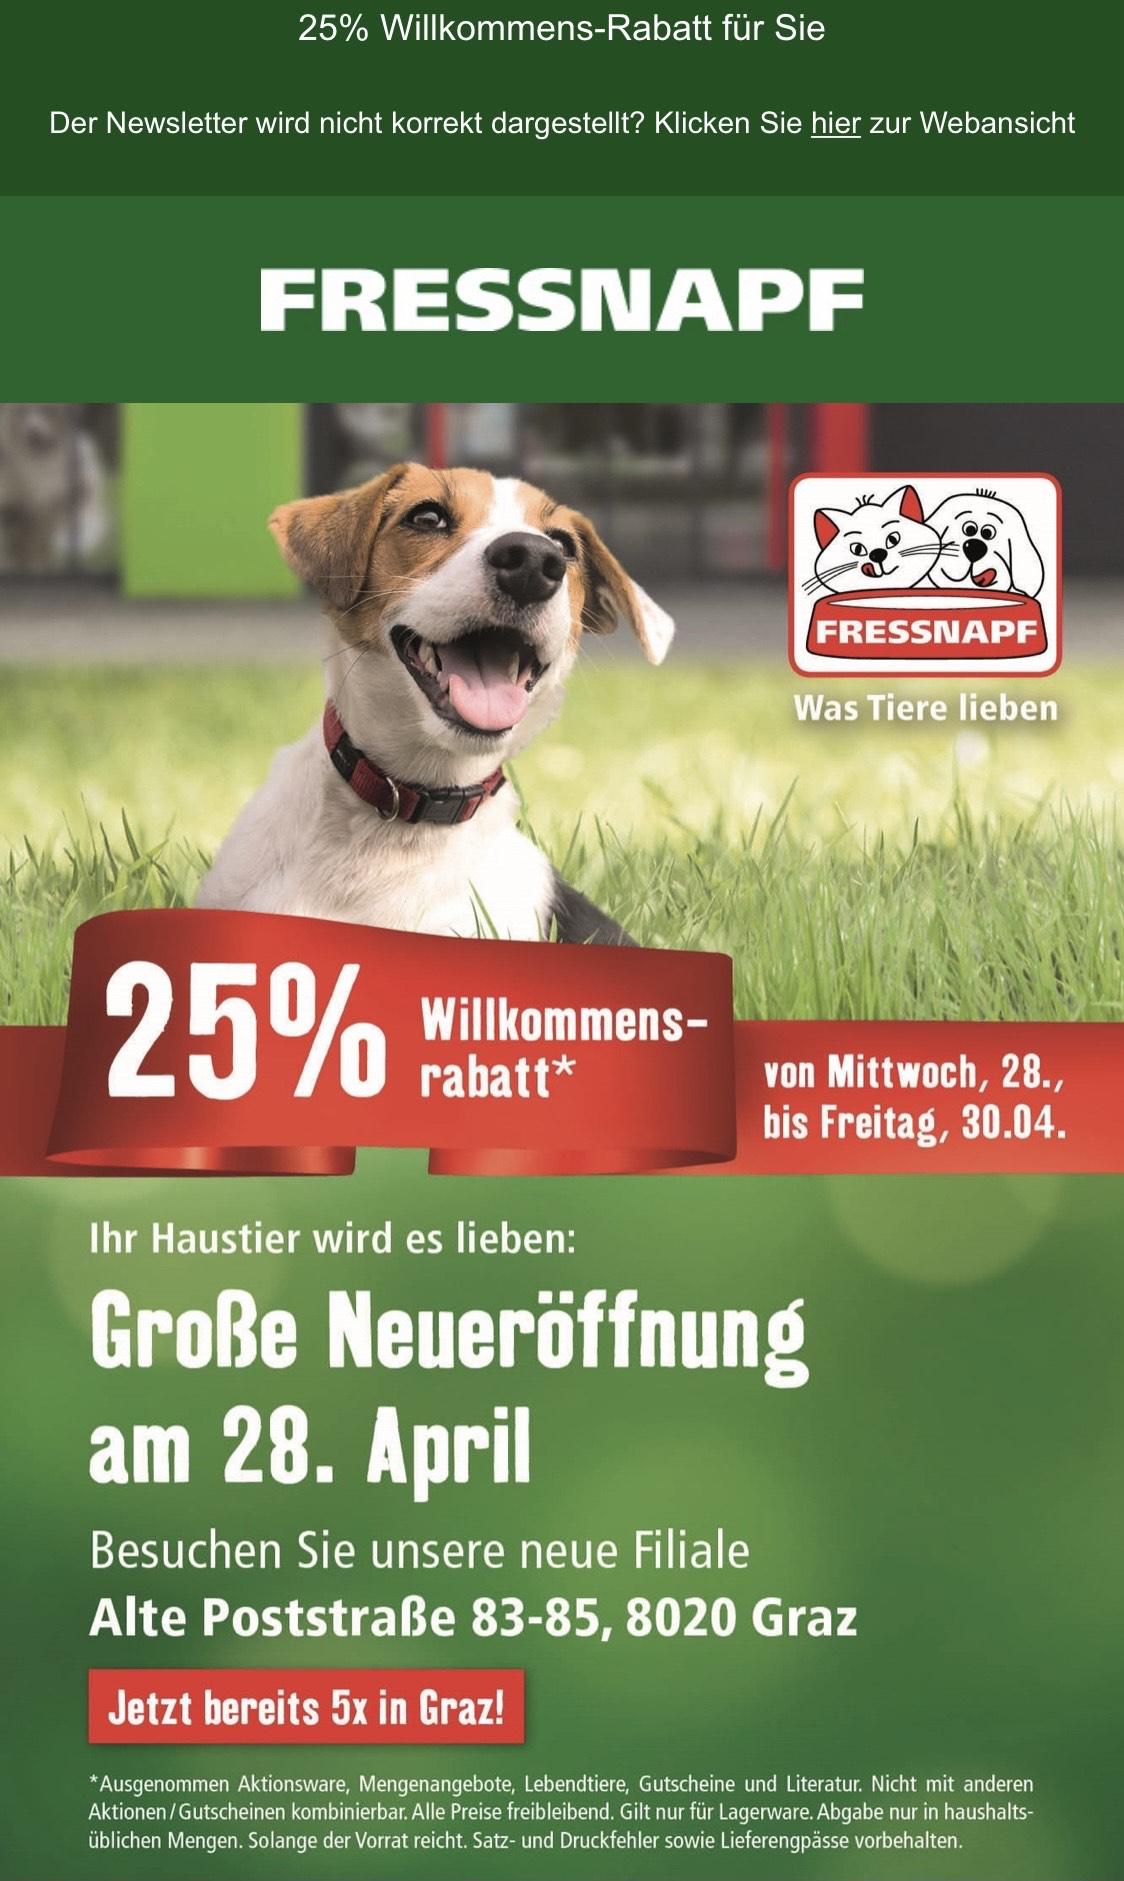 25% Willkommensrabatt bei Fressnapf in Eggenberg